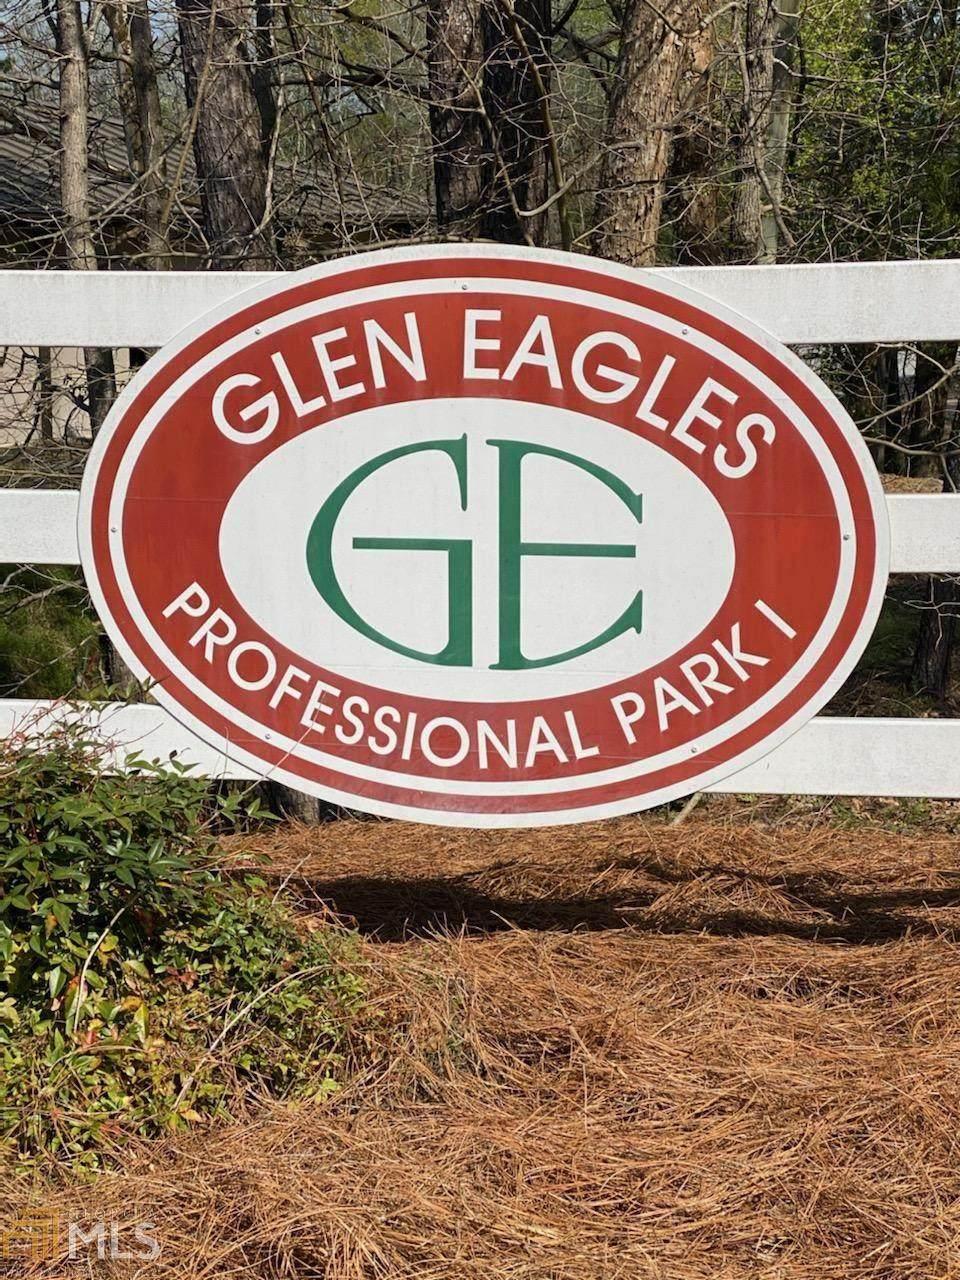 300 Glen Eagles Ct - Photo 1